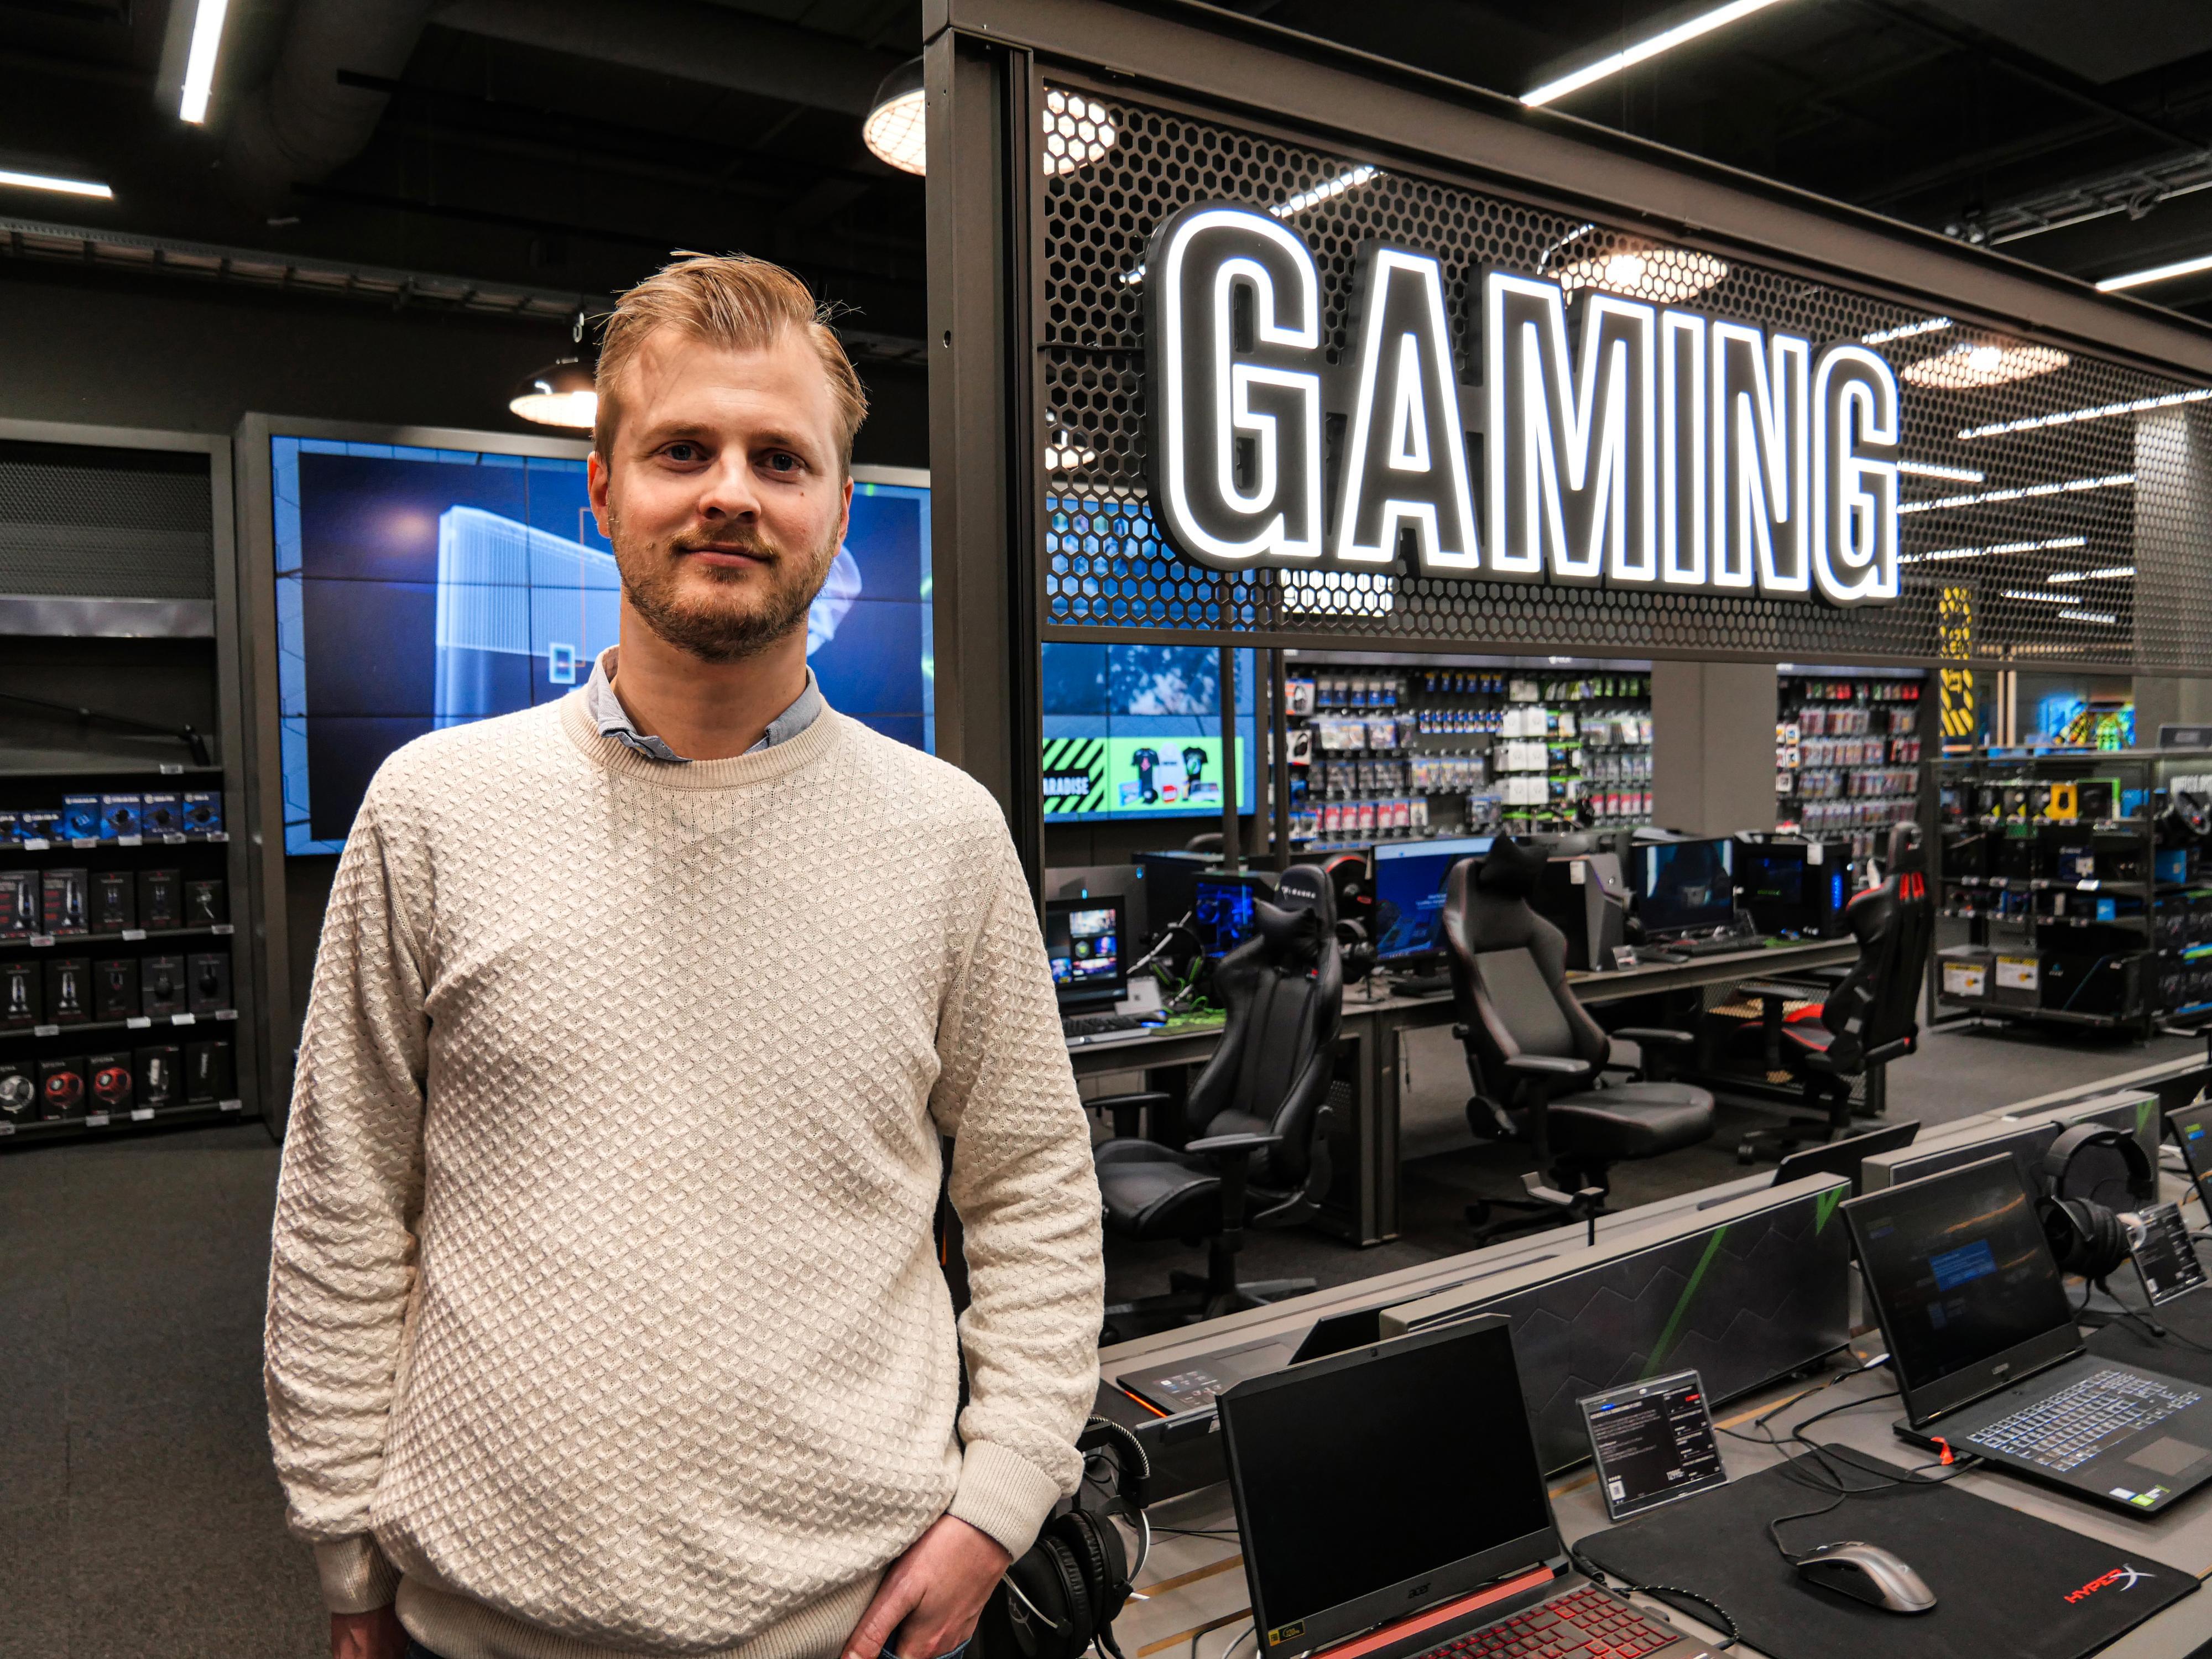 Nils Martin Øyo, Gamingsjef i Elkjøp, sier de har funnet flere forsøk på juks, men at de har kontroll på situasjonen.